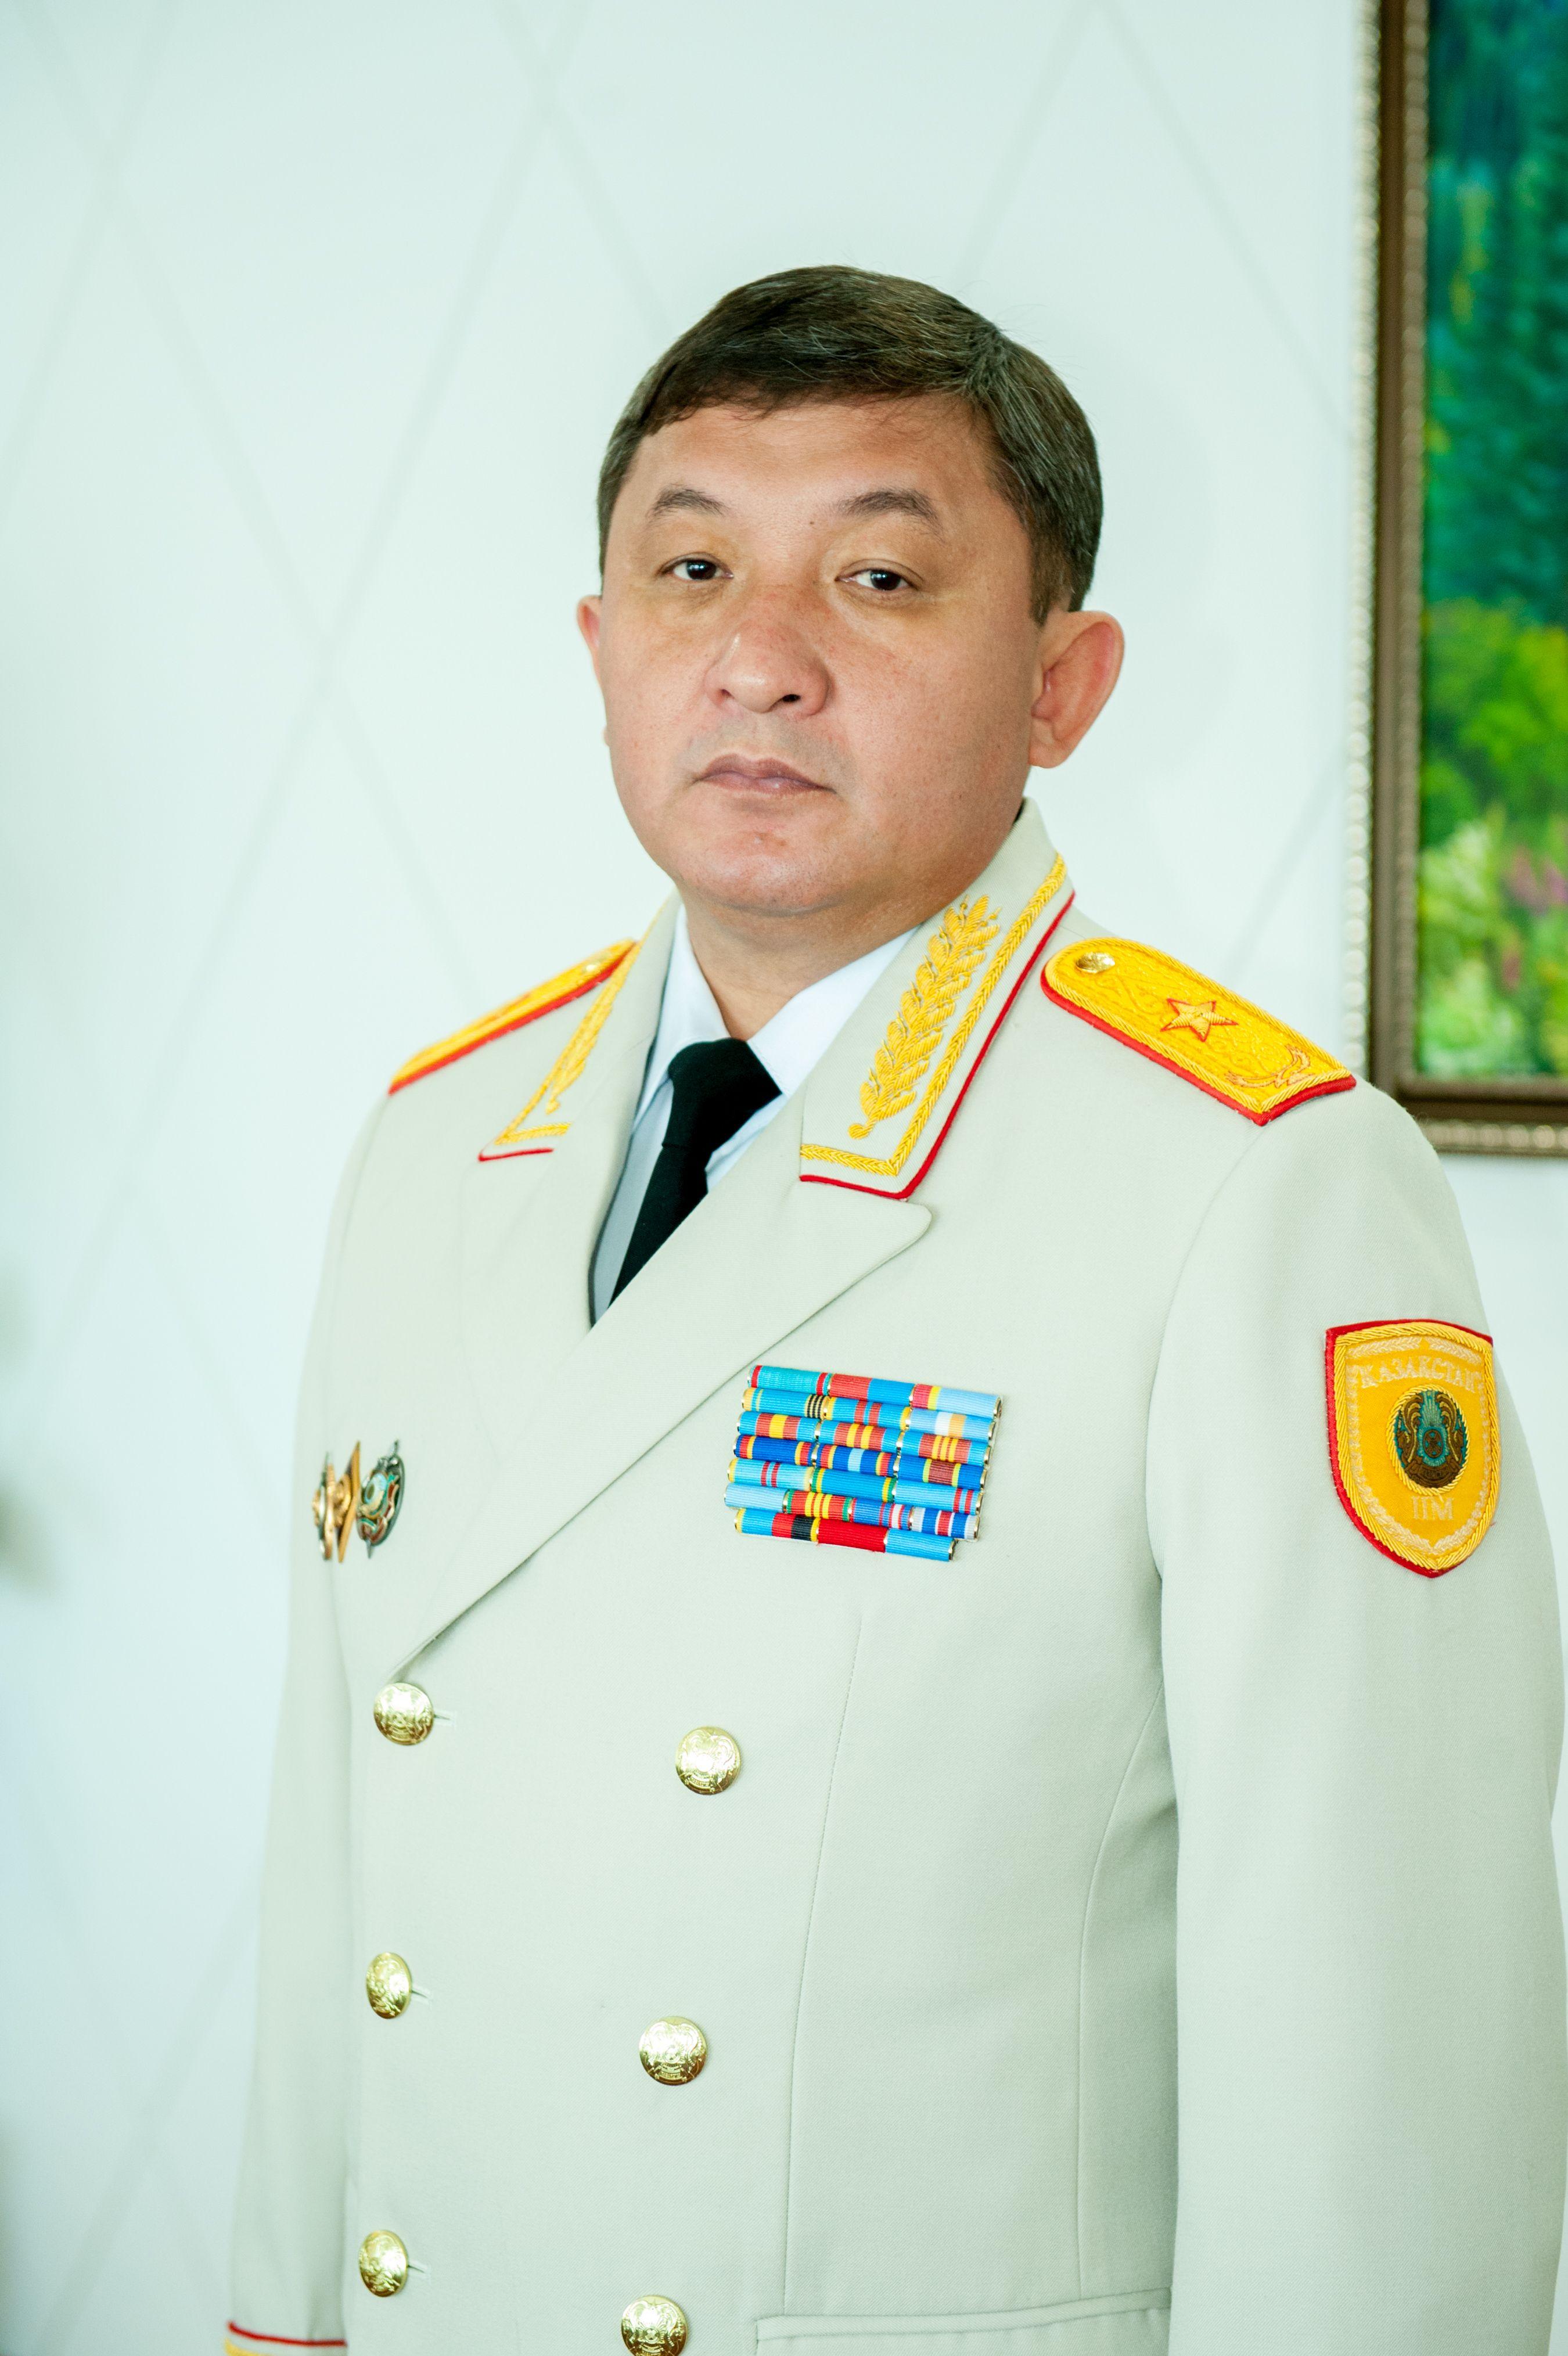 Урумханов Мурат Жалелович